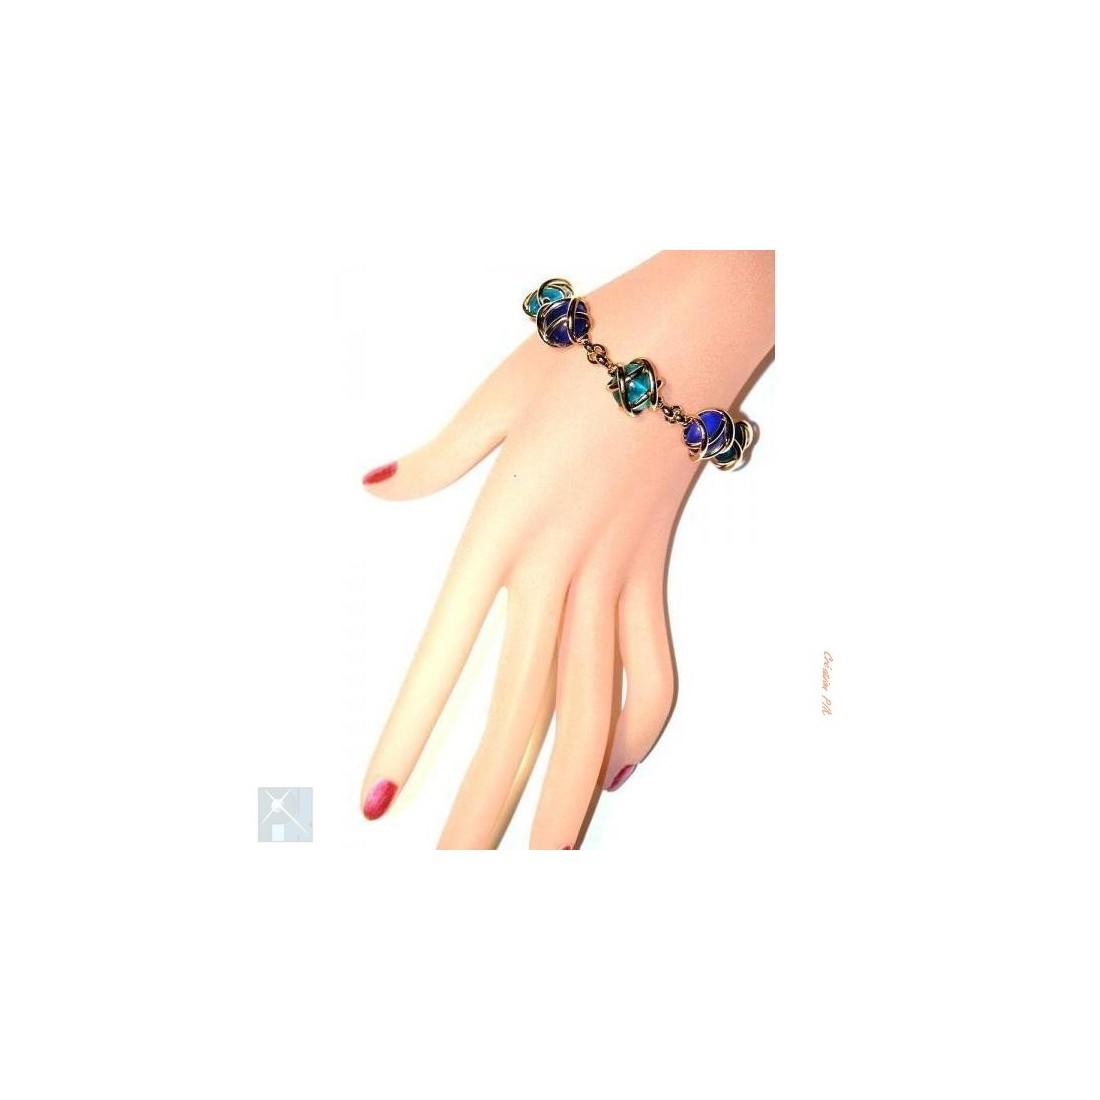 Bracelet artisanal fait main. bijou fantaisie de créateur français.